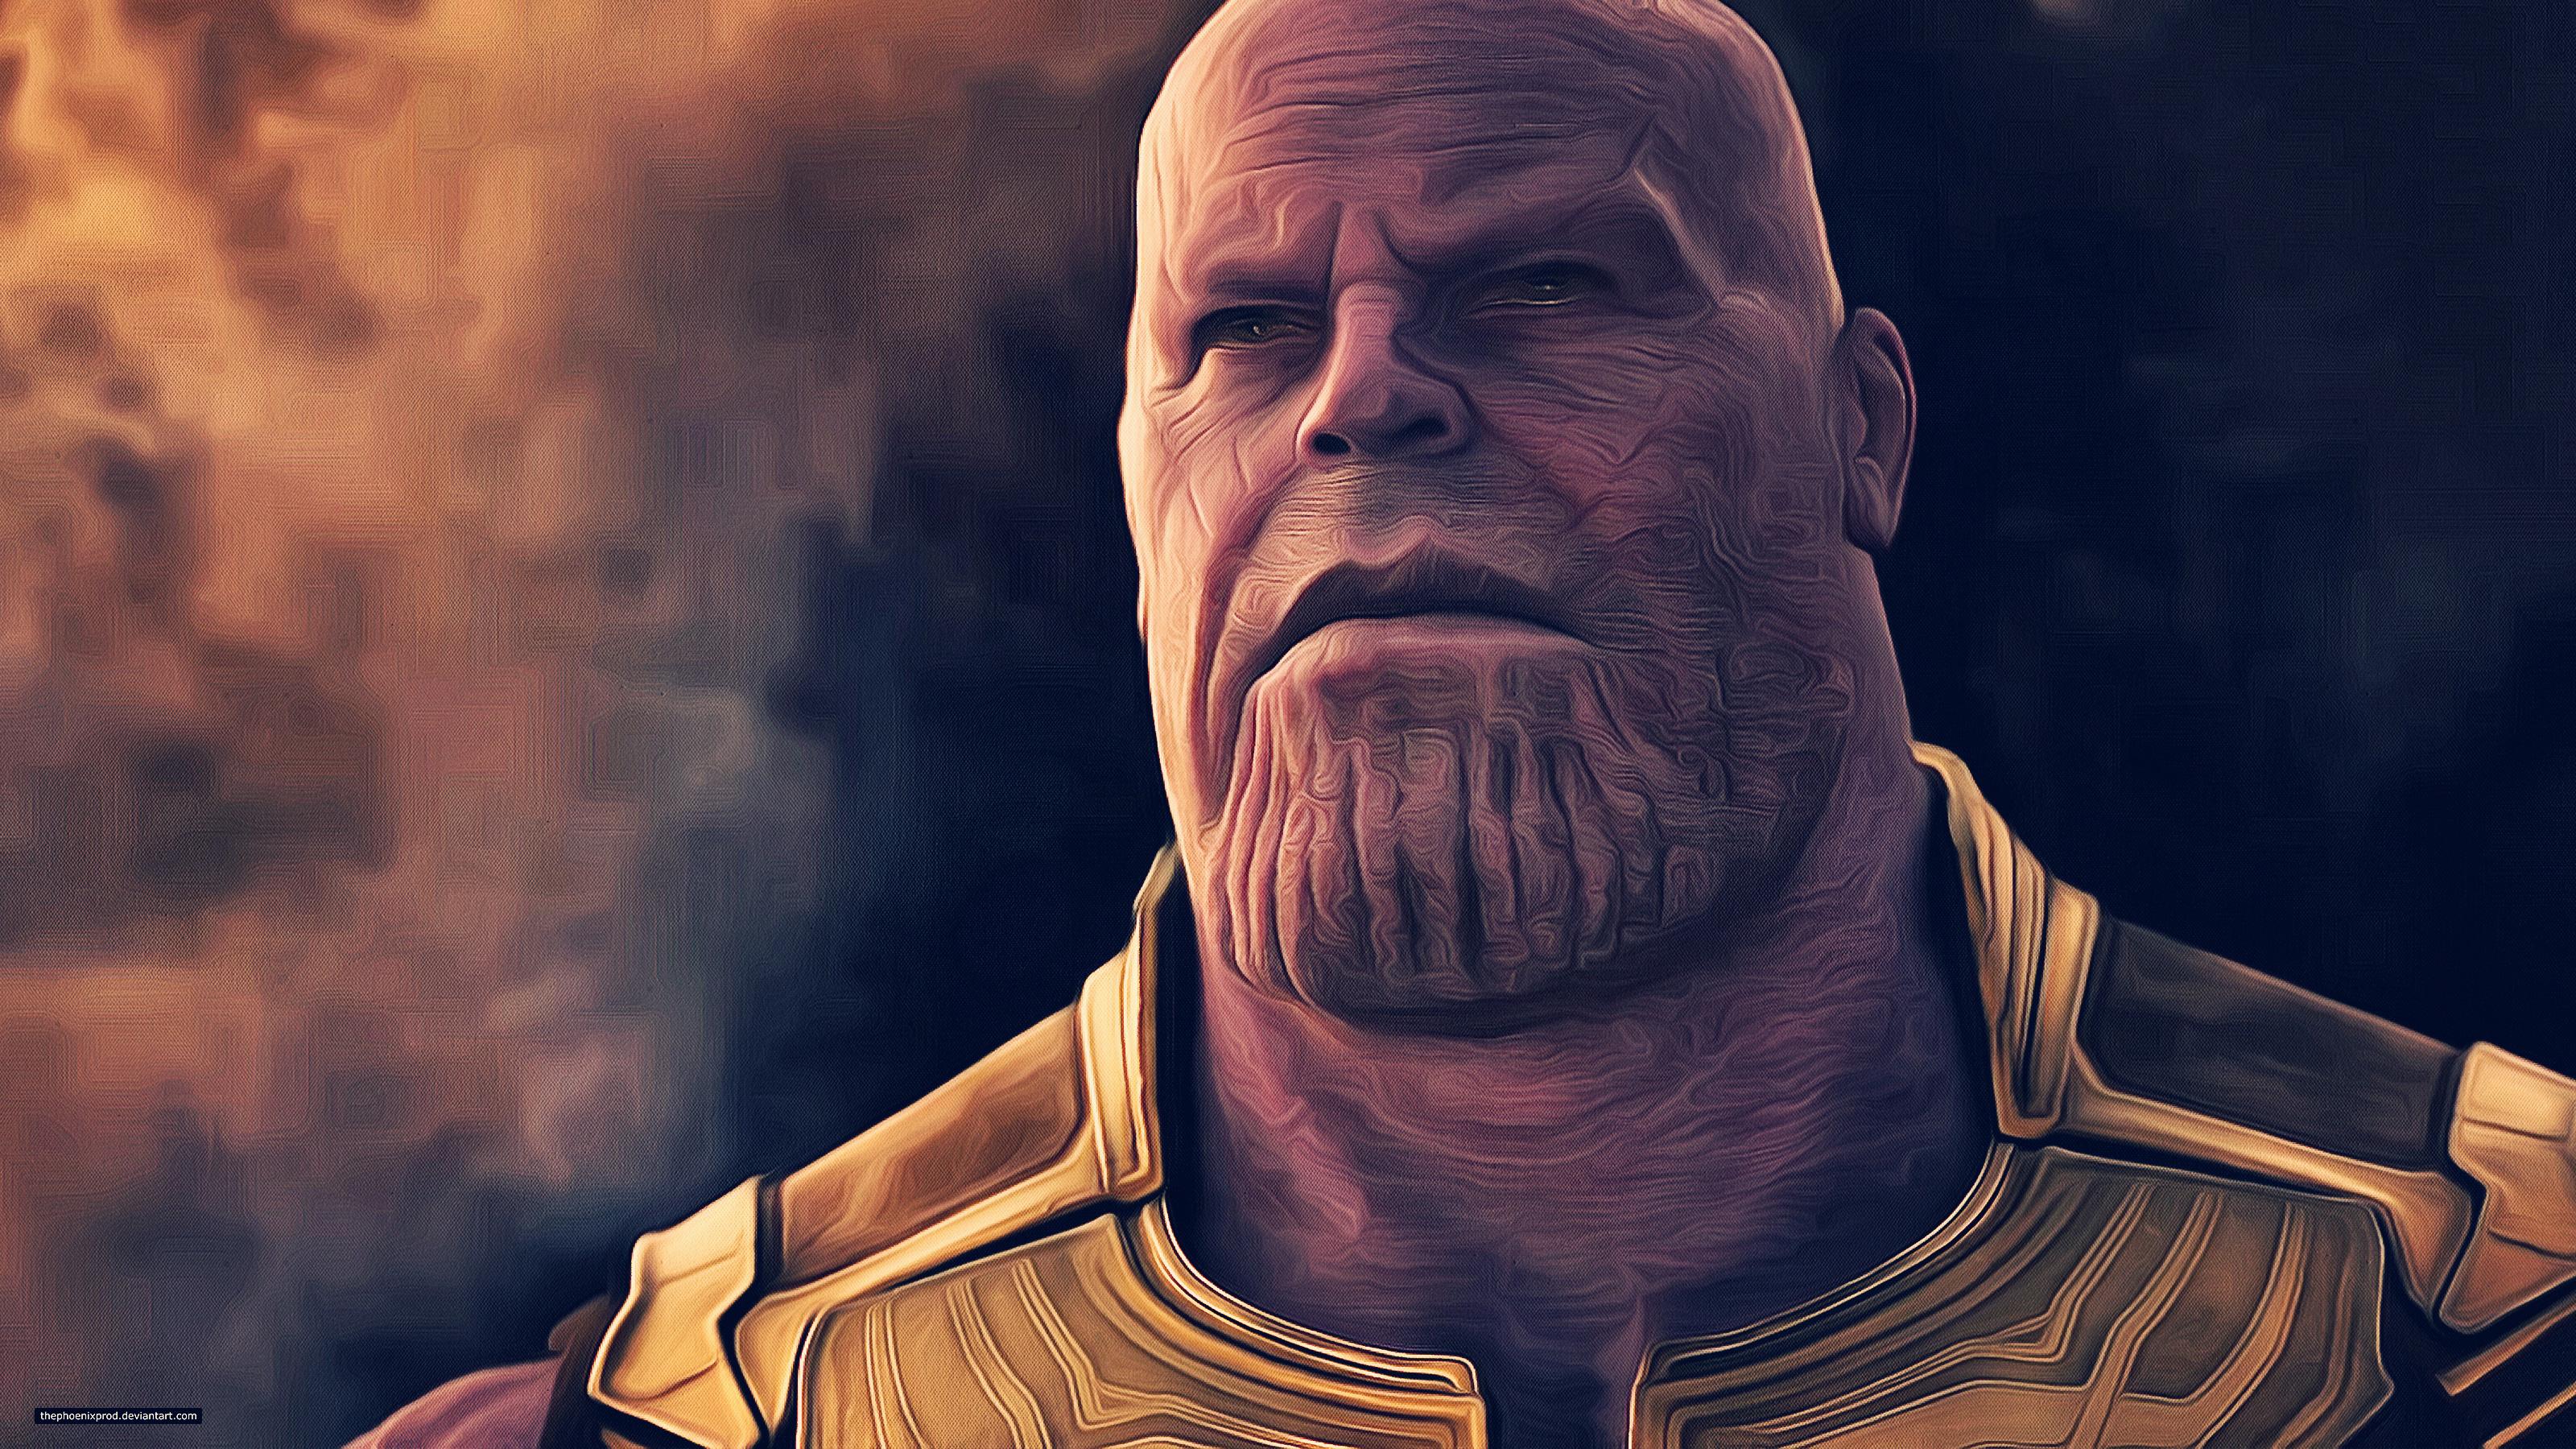 Thanos Avengers Infinity War Artwork 4k Wallpaper Best Wallpapers